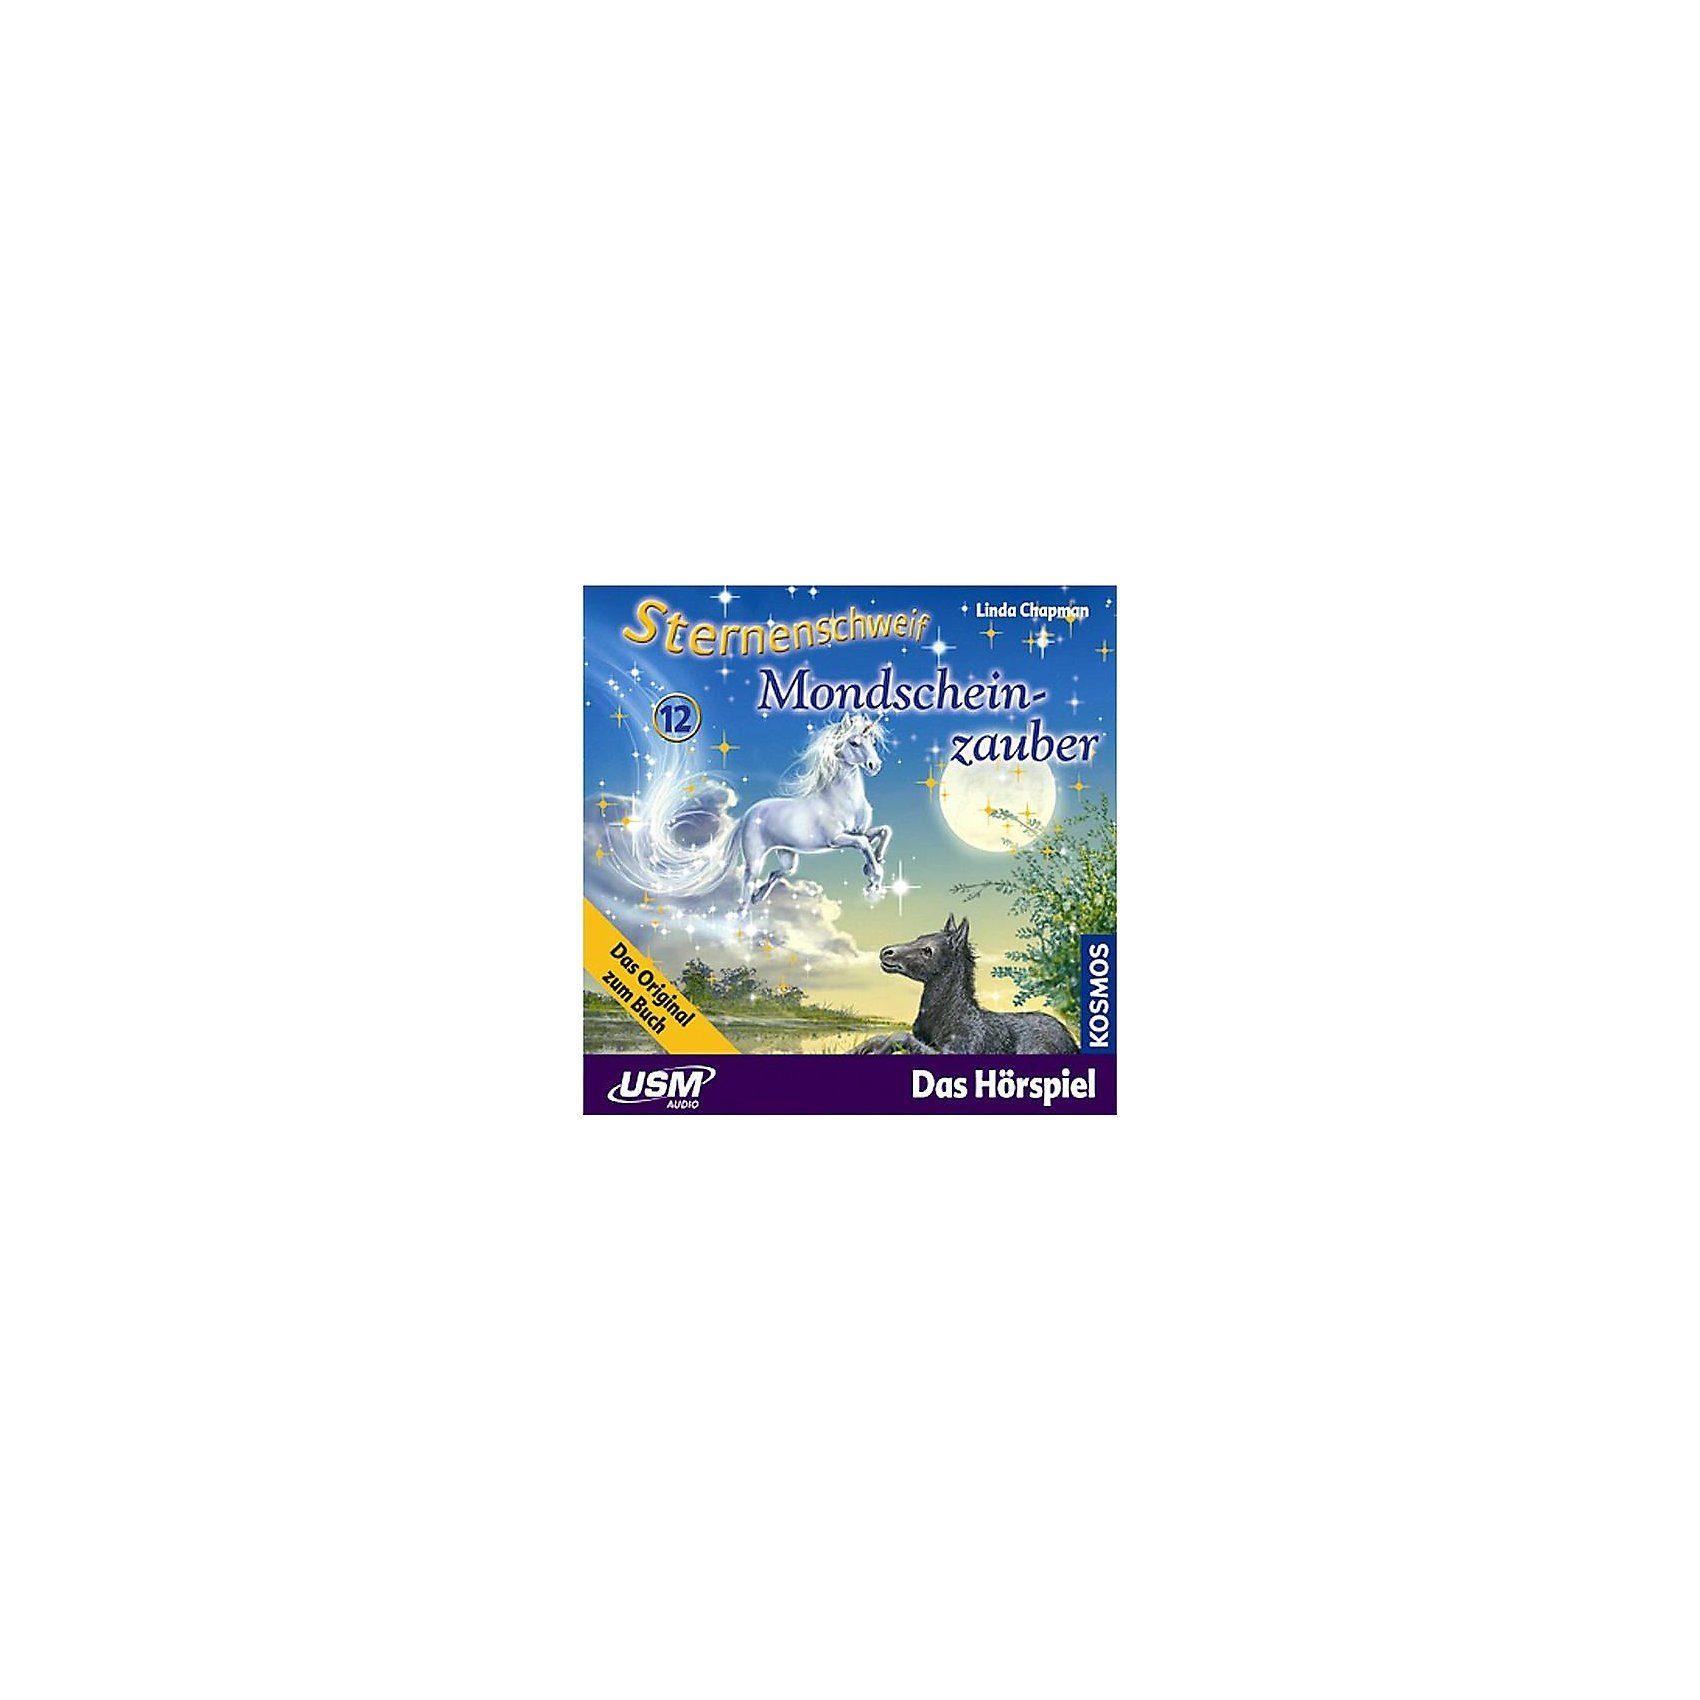 United Soft Media CD Sternenschweif 12 - Mondscheinzauber